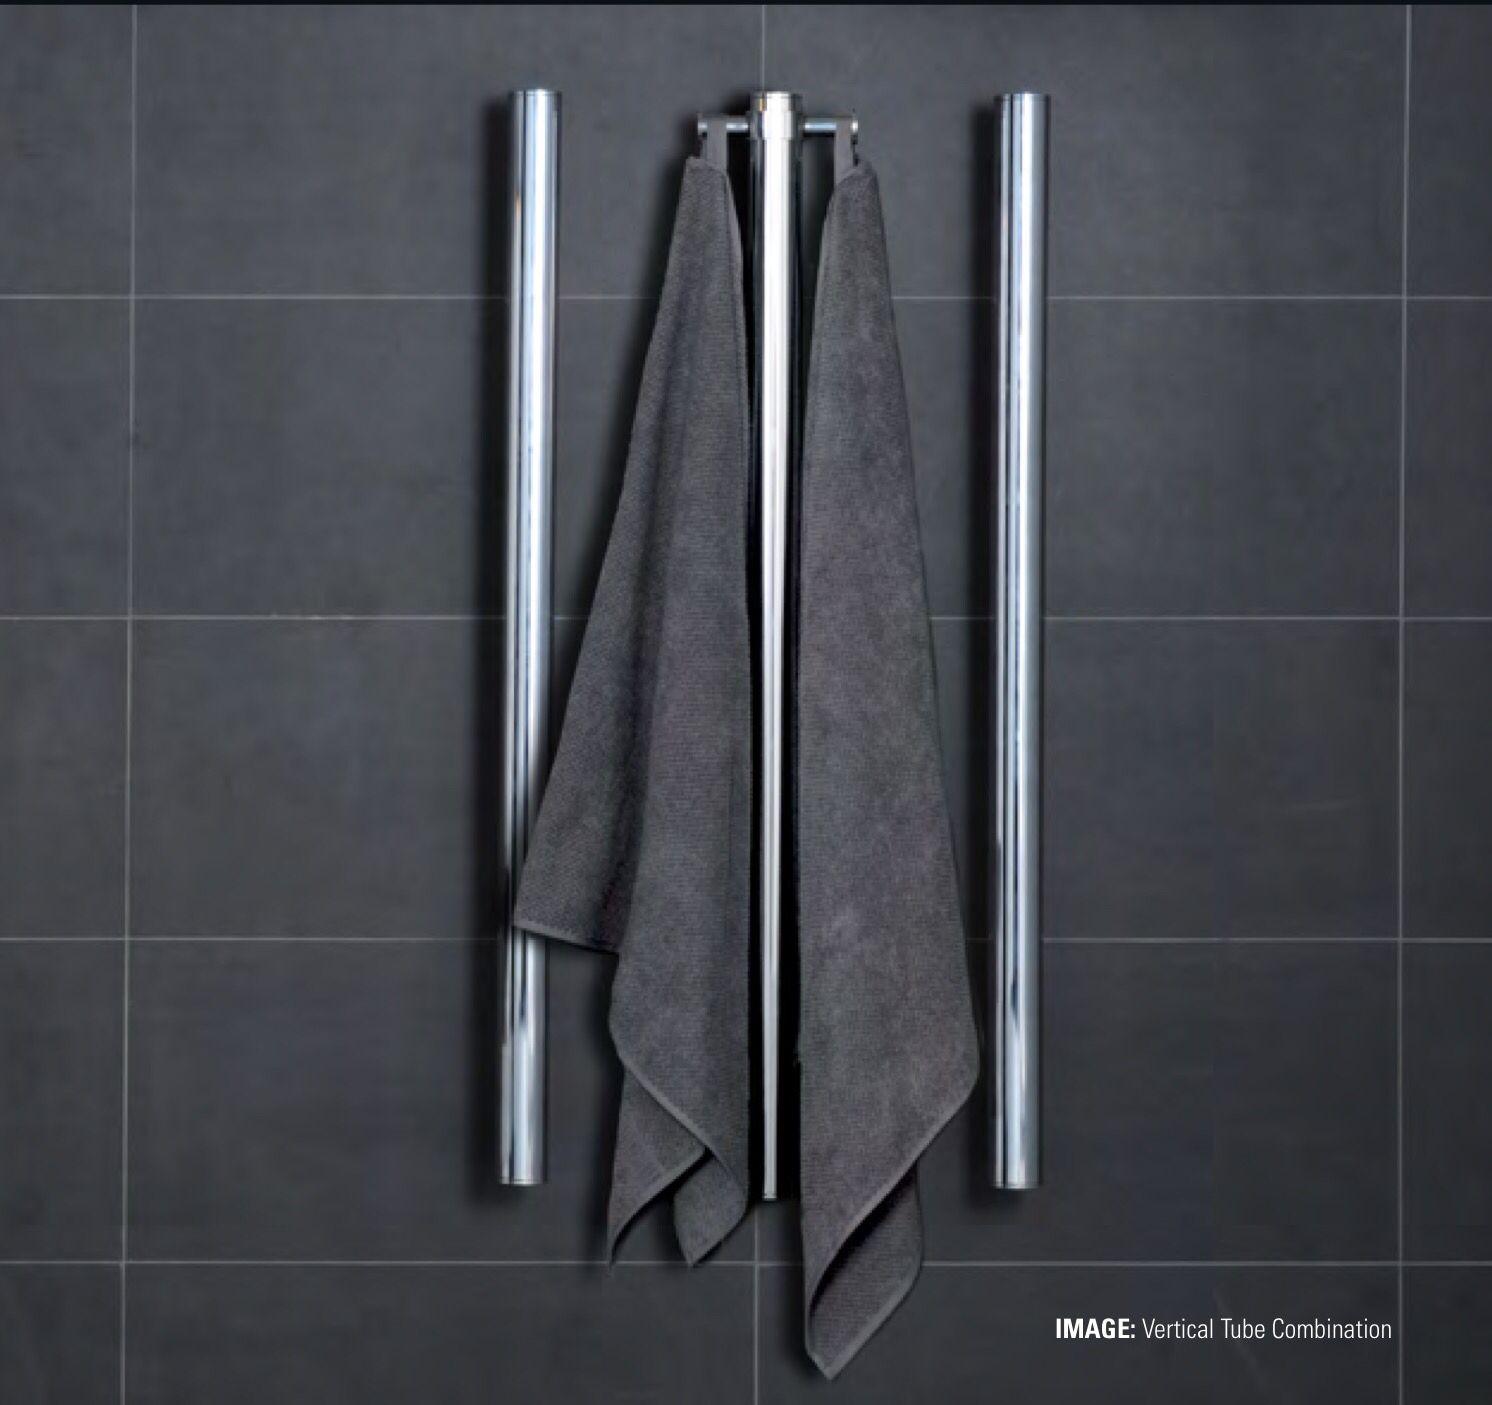 Hydrotherm Heated Towel Rails Heated Towel Rack Heated Towel Bathroom Radiators